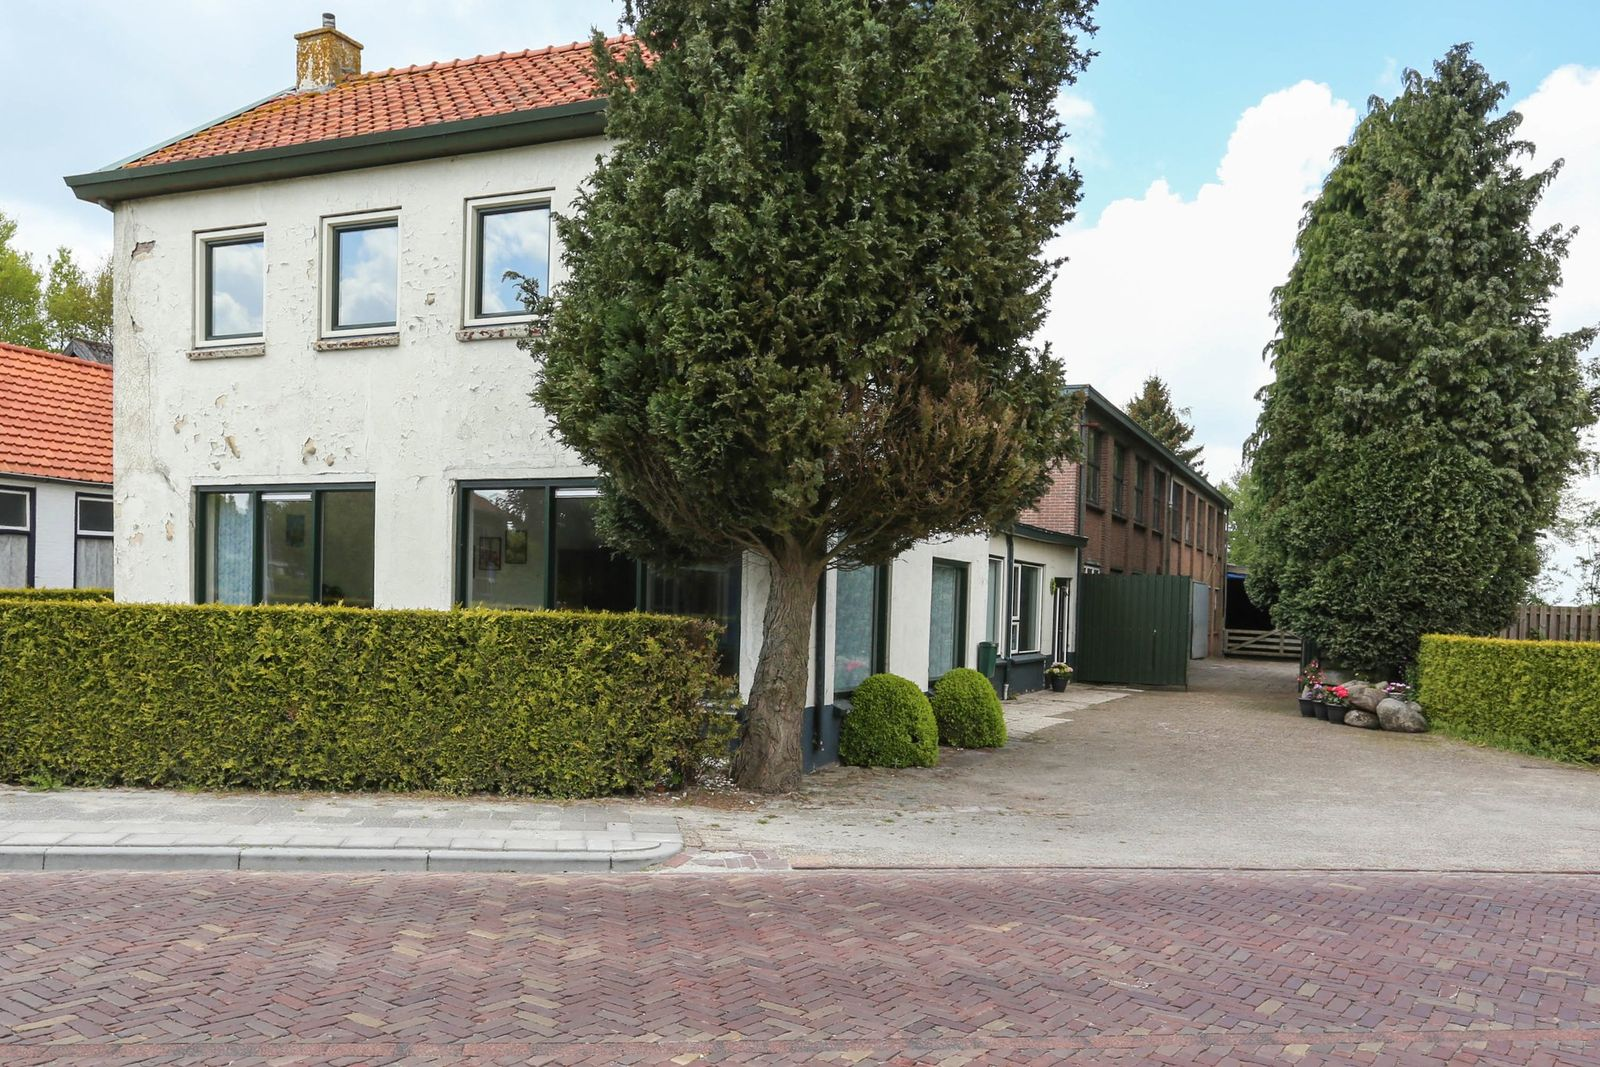 Hoofdstraat West 67, Noordwolde